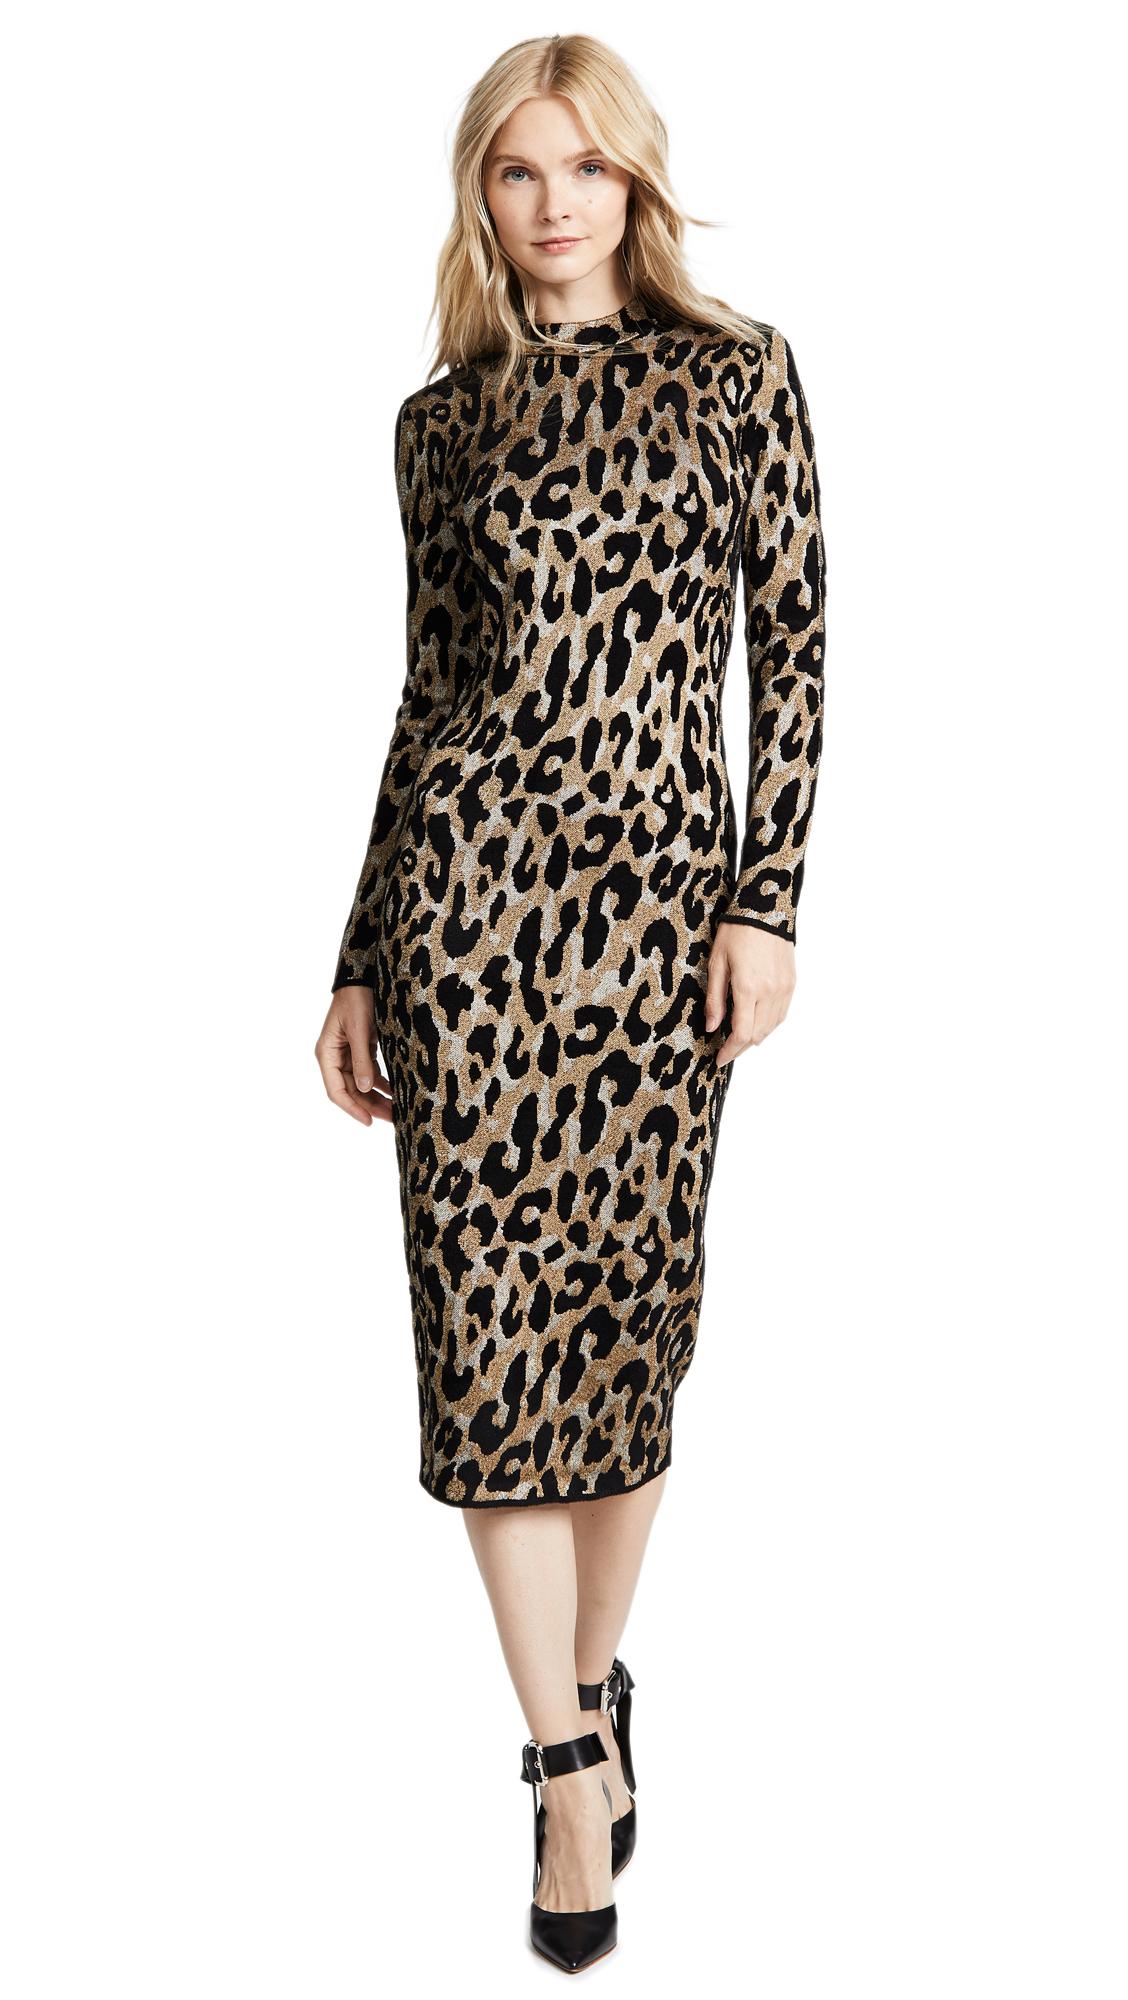 Versace Leopard Print Dress In Leopard